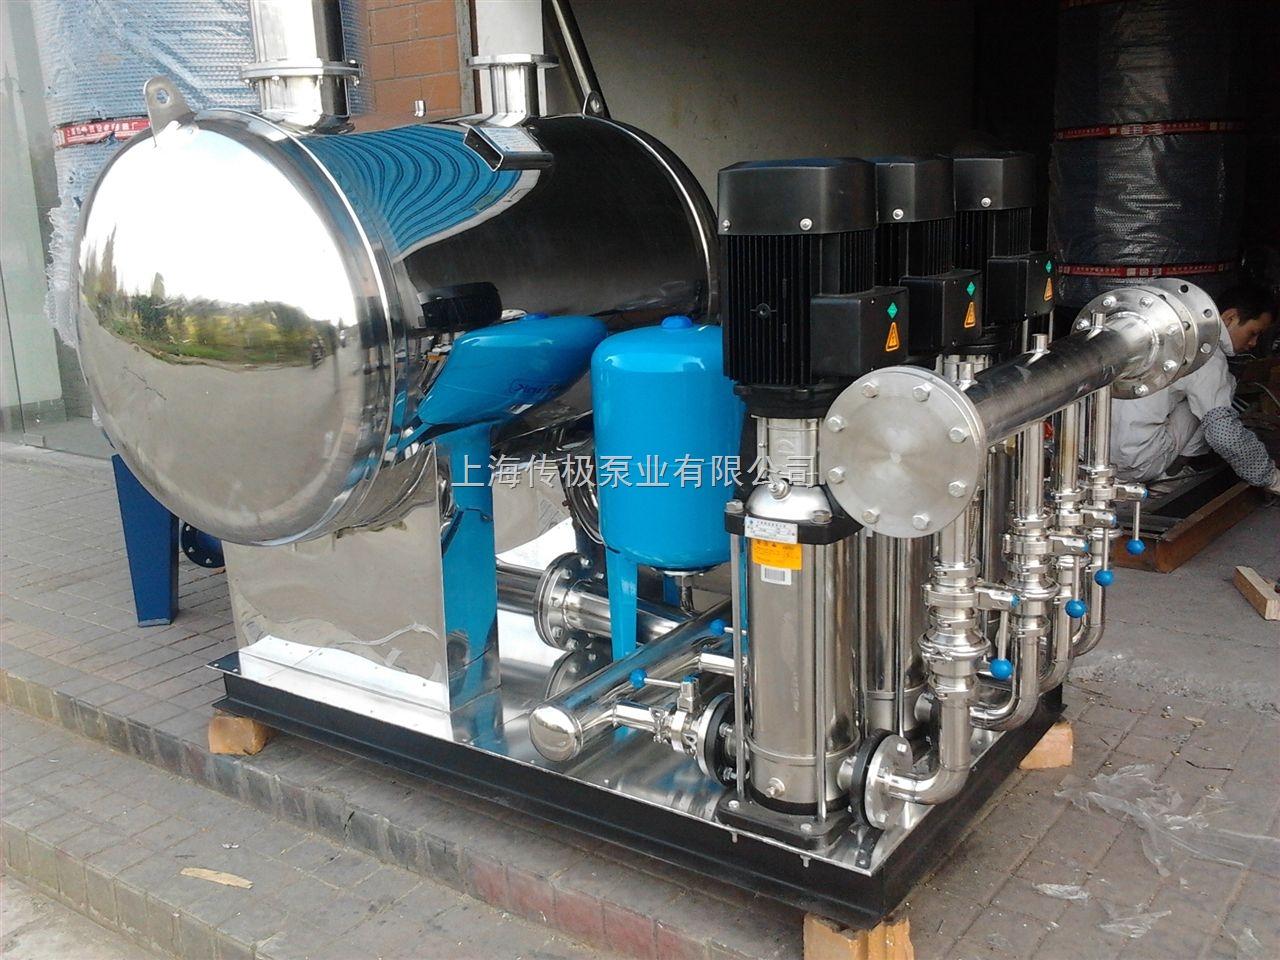 ),占总容积的50%。显然这是一种切实有效的动态补偿作用,如果所有用户的增压设备均具有这种补偿作用,则总体上对市政供水可起到一定削峰填谷的效果,高峰期间管网服务压力不至于下降得太低。 二、WFG/J系列:该系列产品是配套浸入式水泵的直接增压供水设备  浸入泵直接插装在稳流罐内,与稳流罐结合为一体,设备包含了所有入口管路附件与出口气压罐。是配套最齐全的管网叠压供水设备.